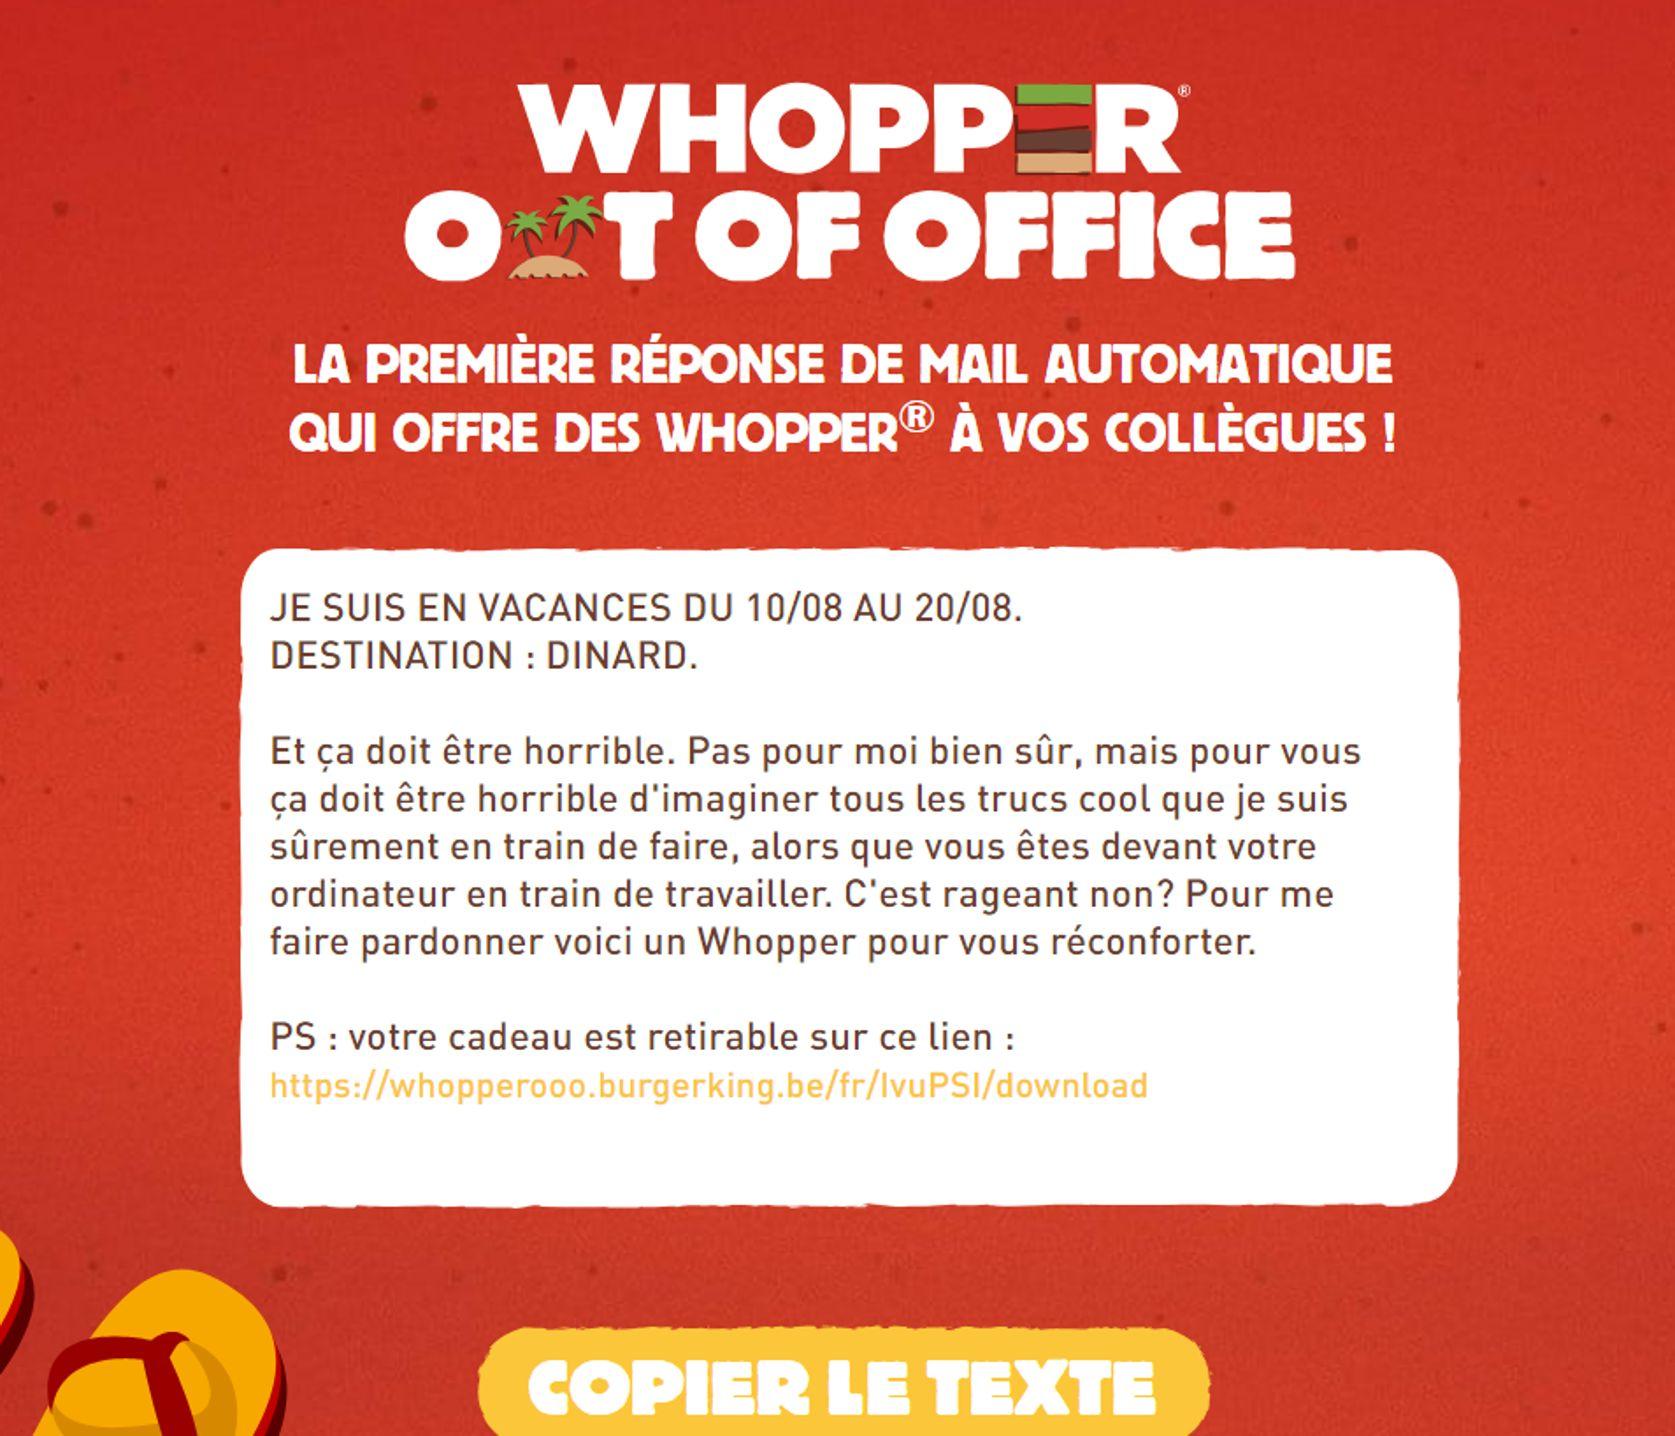 Les Mails D Absence Ne Servent A Rien Selon 62 Des Francais